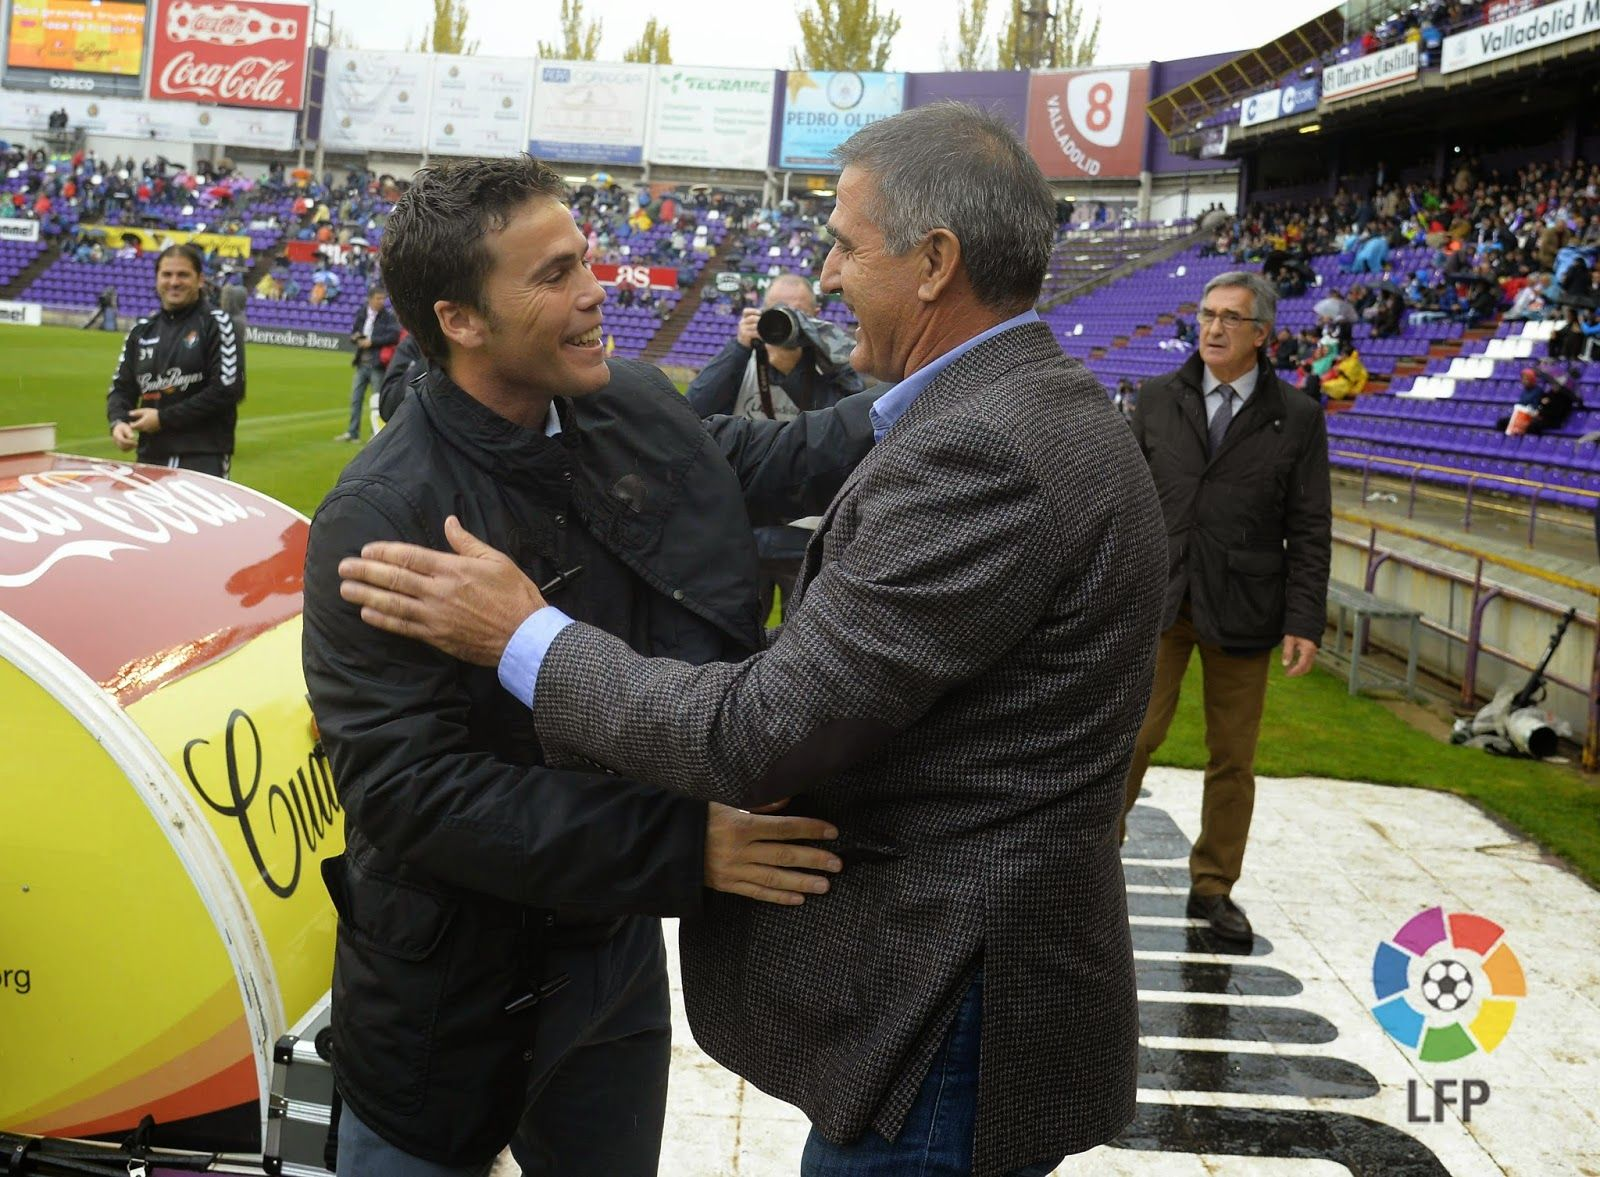 """TIEMPO DE DEPORTE: Paco Herrera: """"Ahora hay que empezar a marcar dife..."""